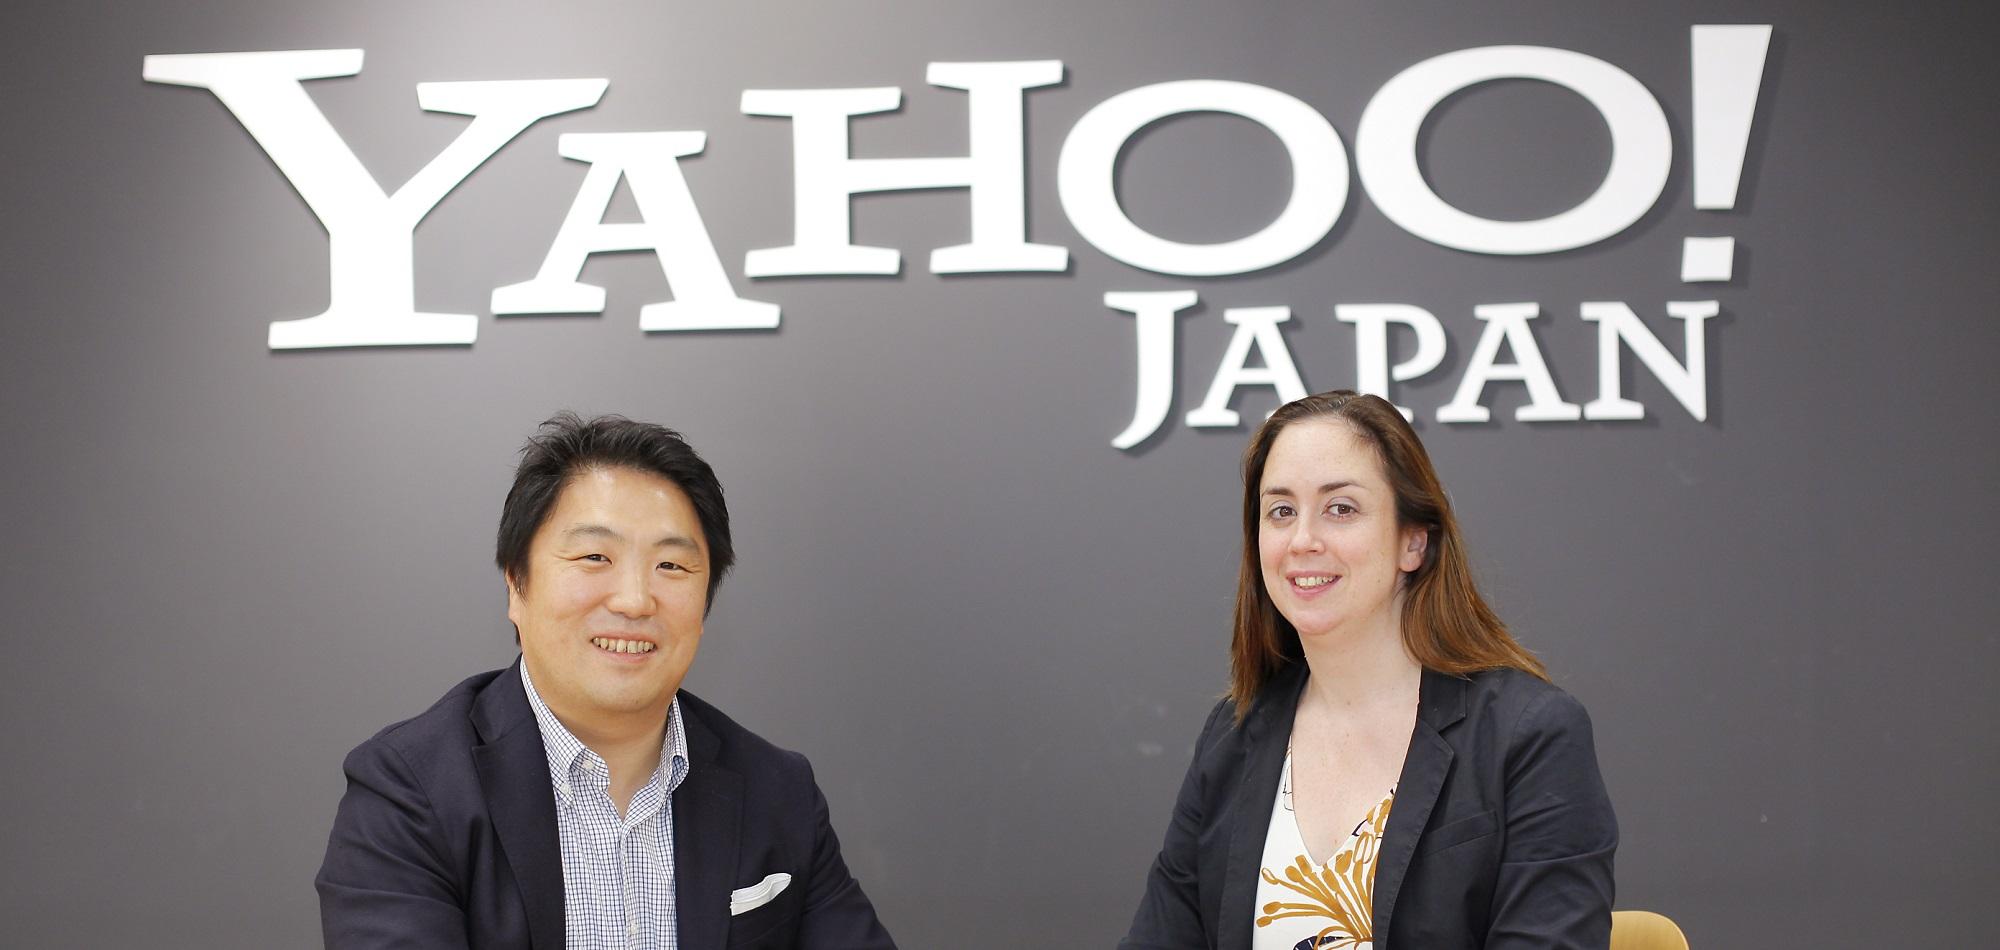 アランナさんと高田が並んで座っている様子の写真